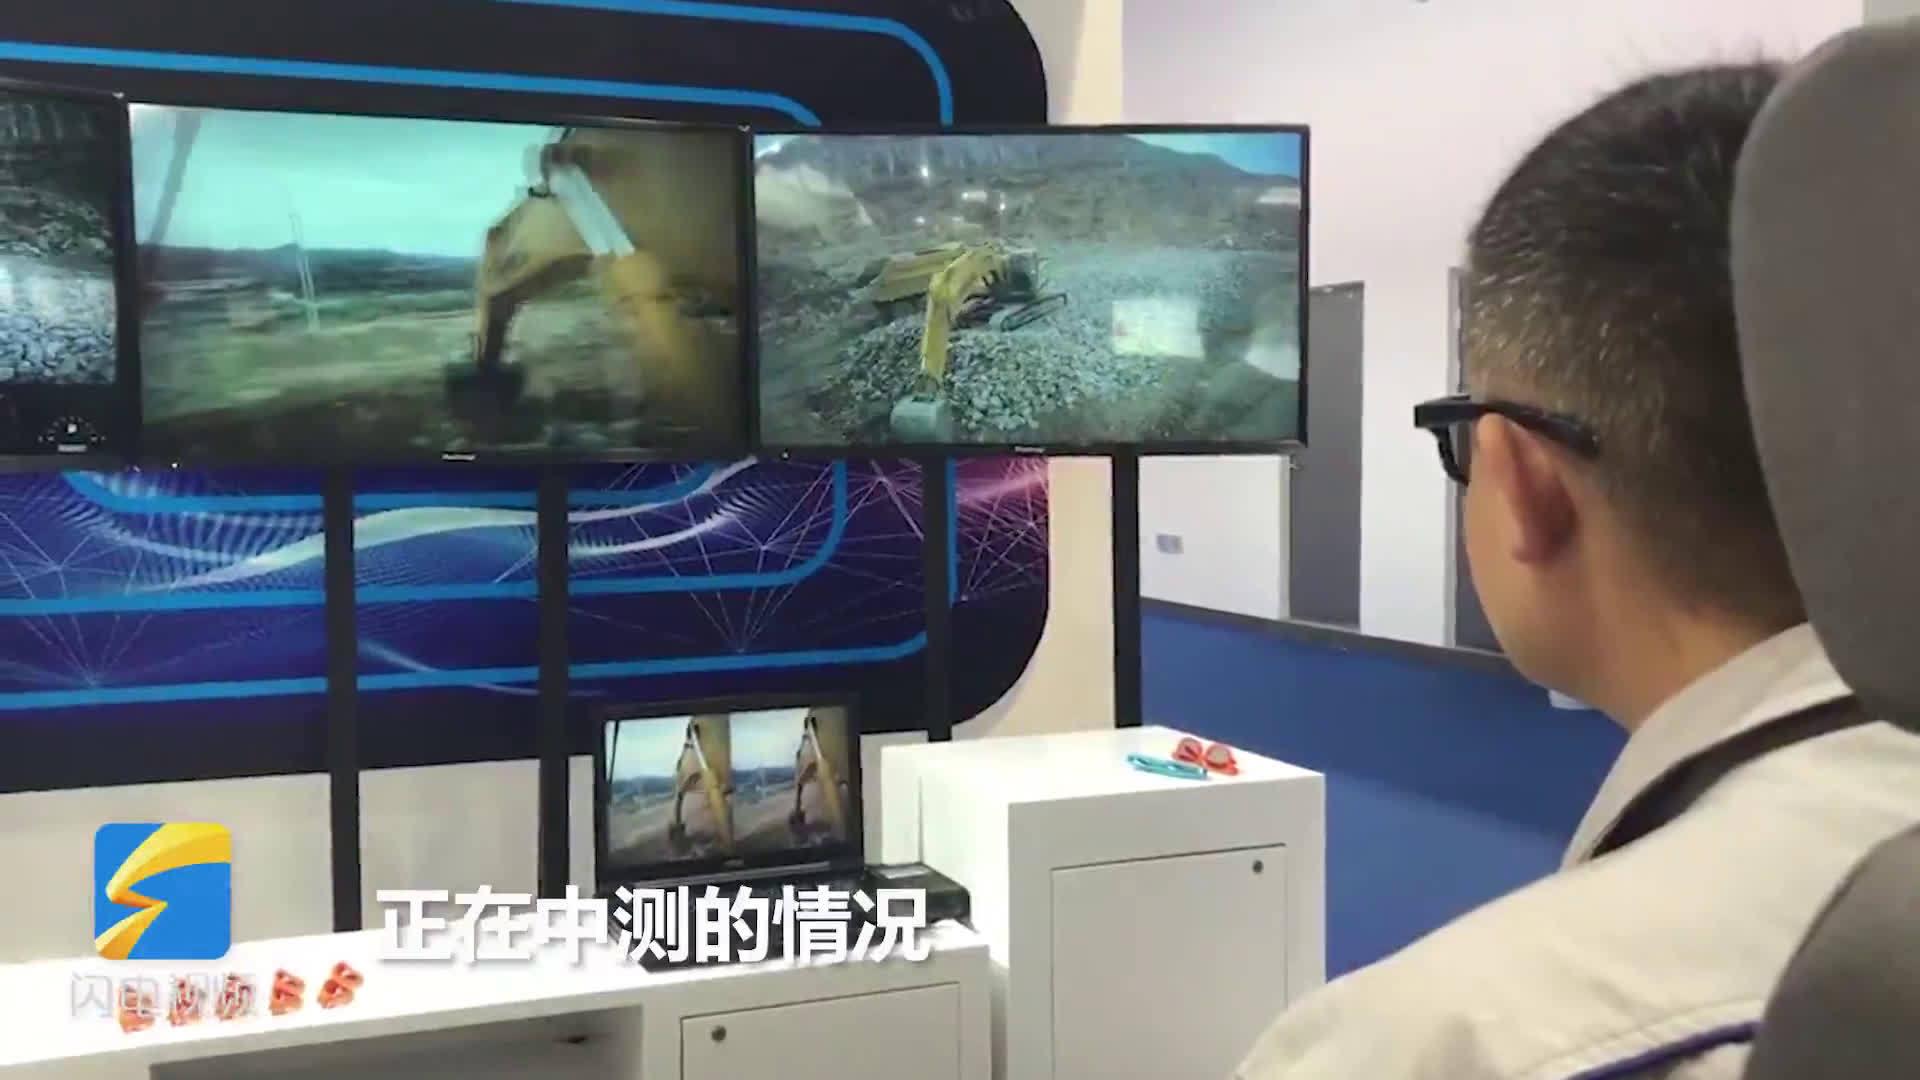 """山东广电展区""""黑科技""""吸睛 200公里以外遥控挖掘机挖矿"""